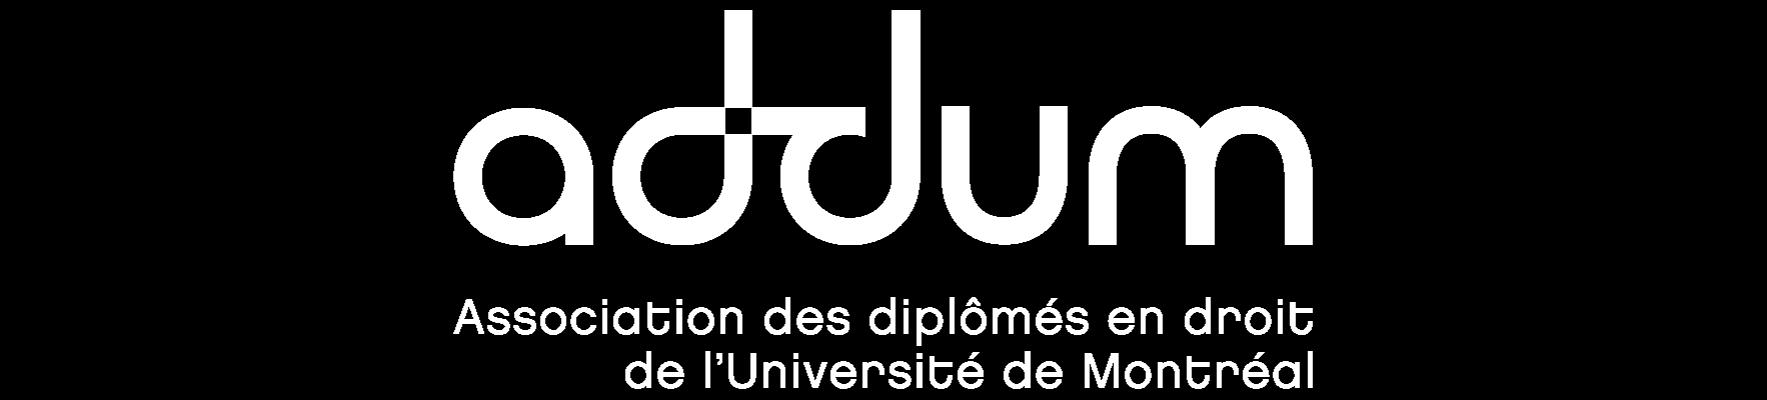 Association des diplômés en droit de l'UdeM